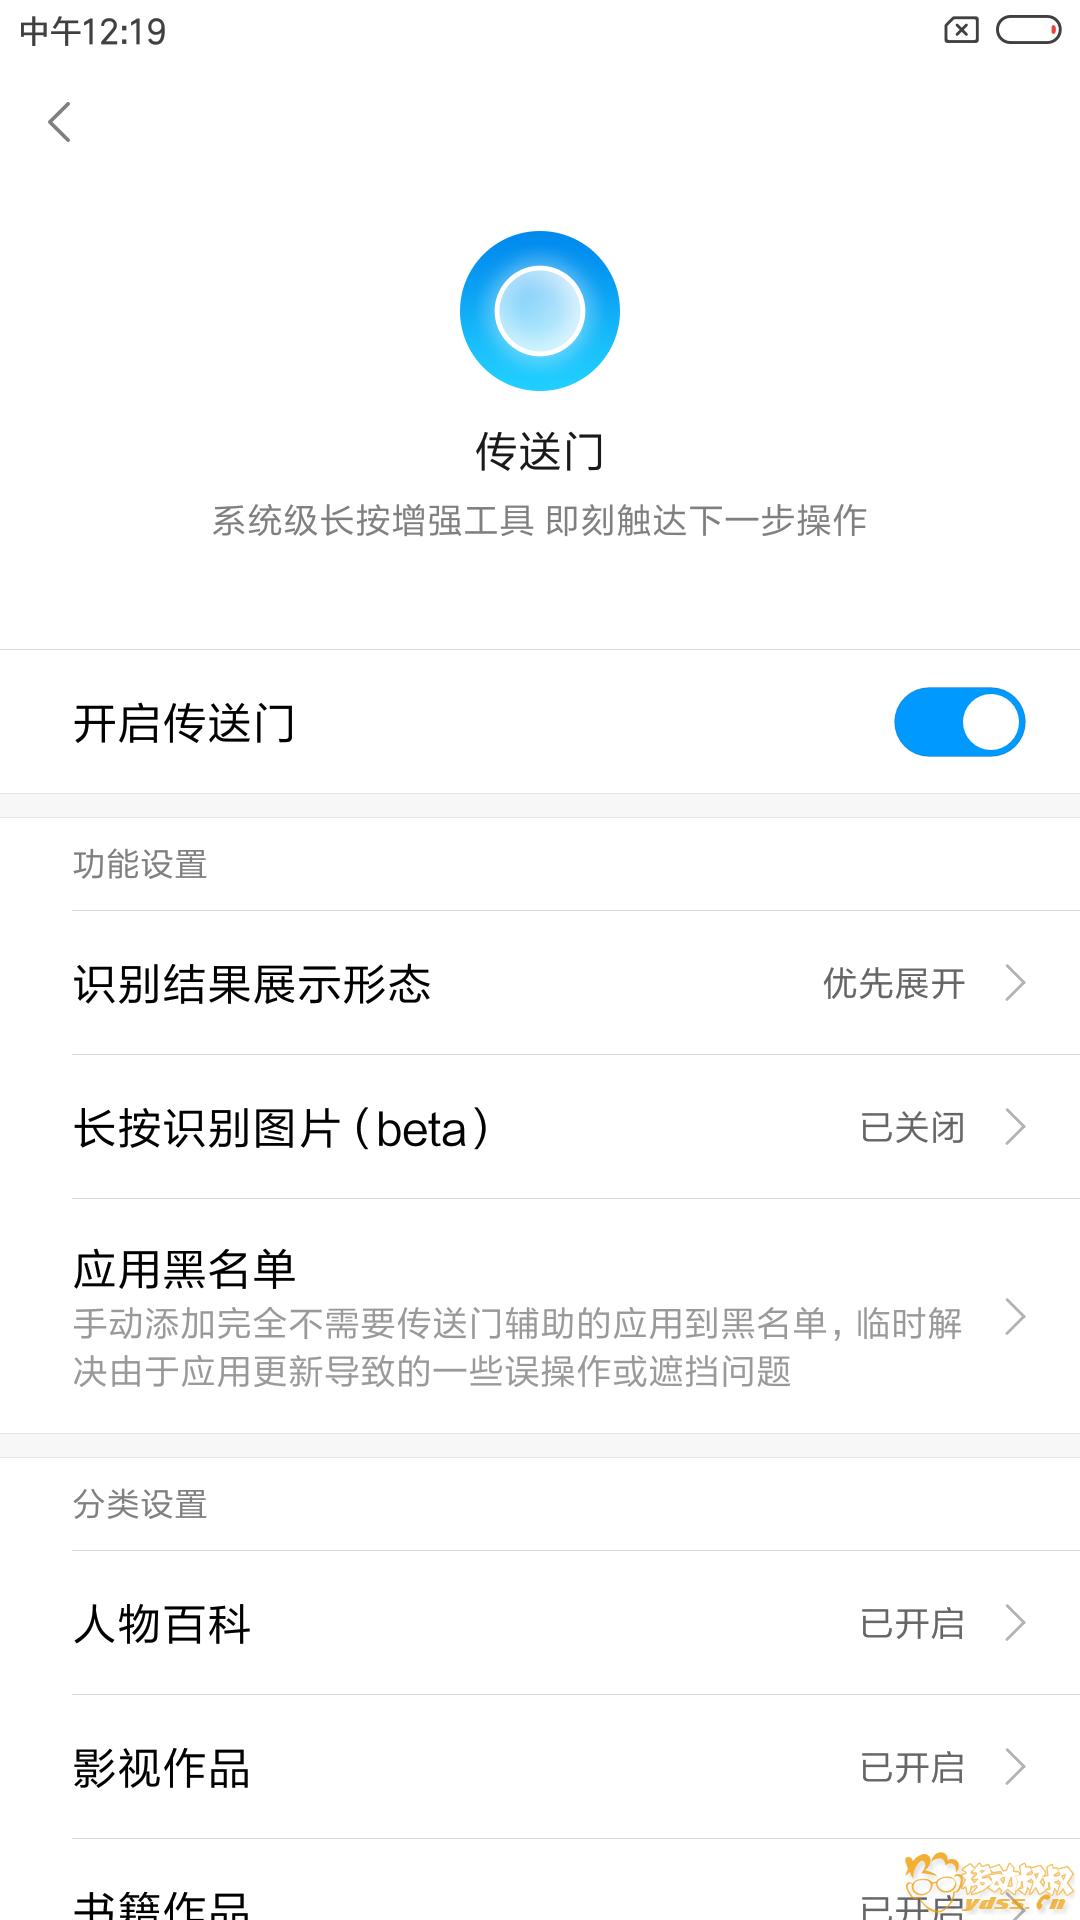 Screenshot_2018-07-05-12-19-50-255_com.miui.contentextension.png